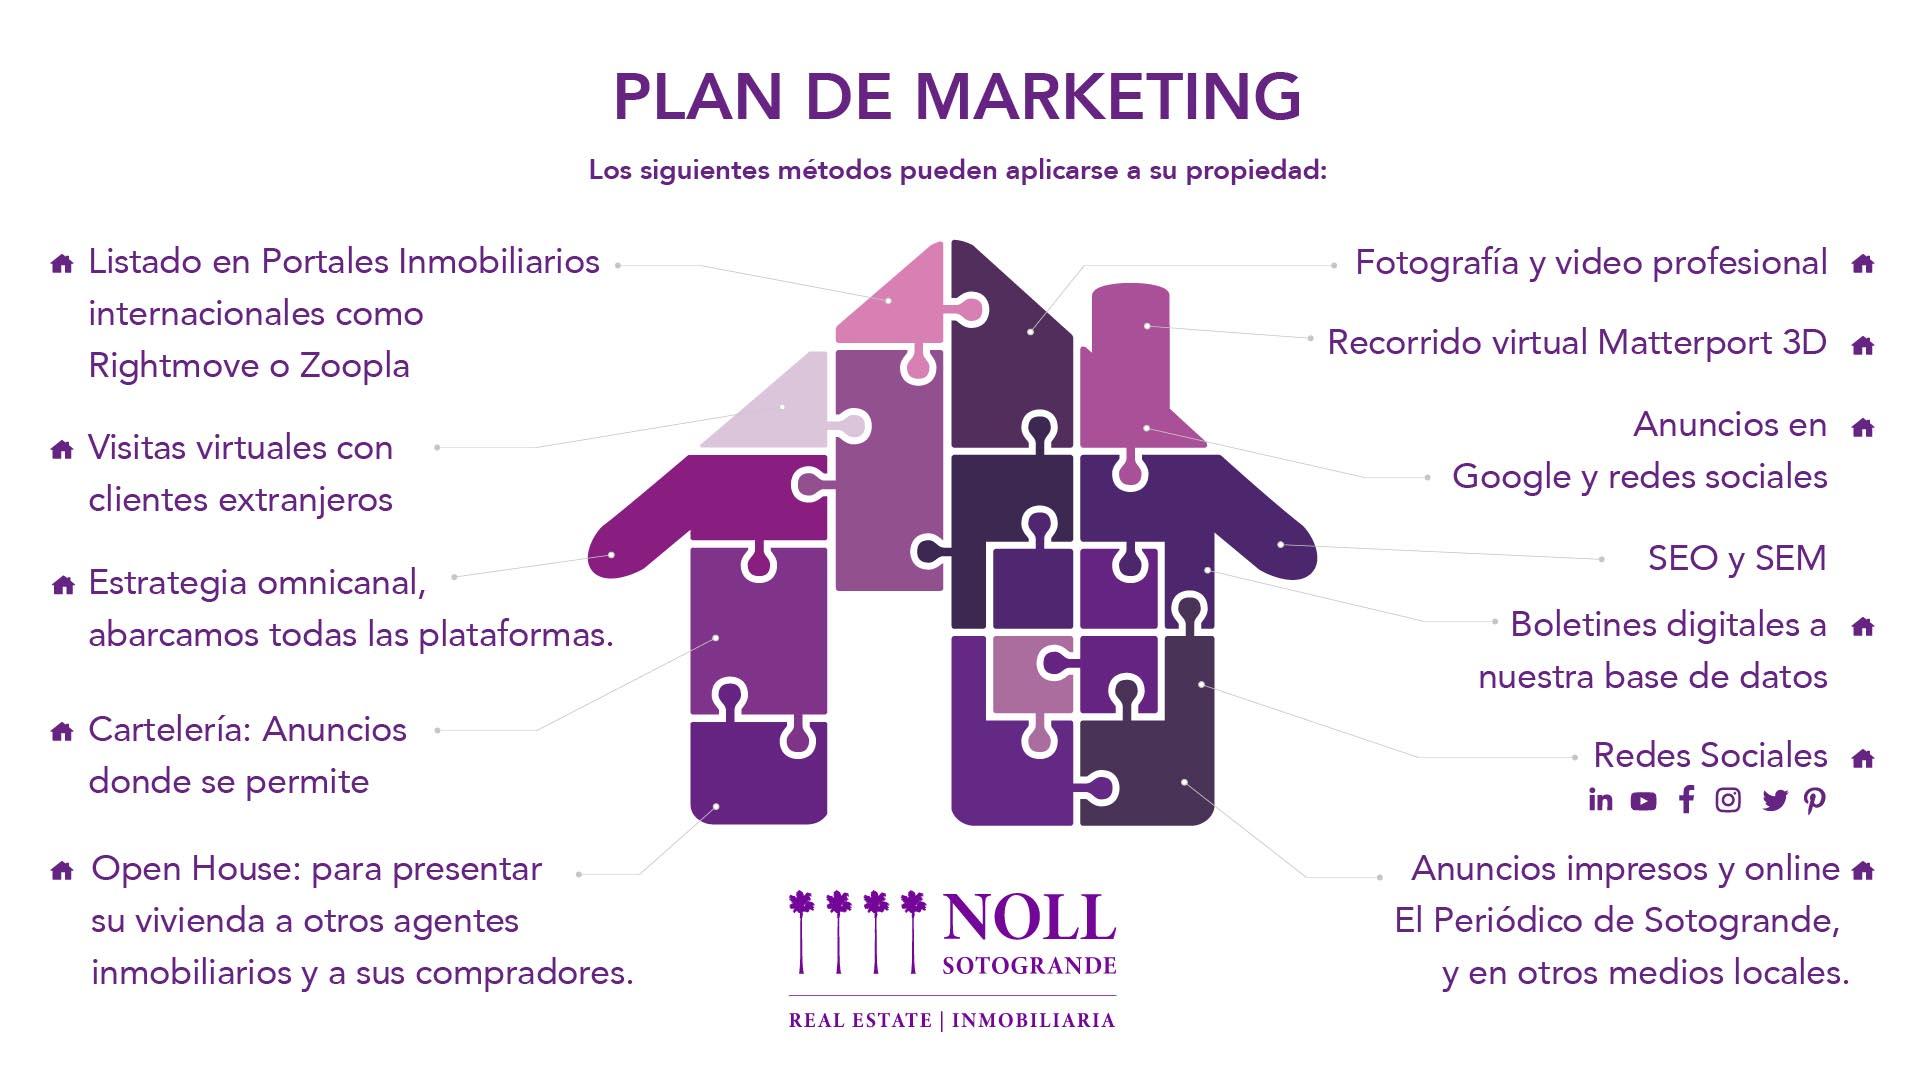 Métodos de marketing de Noll Sotogrande Real Estate que se pueden aplicar a su propiedad en Sotogrande.